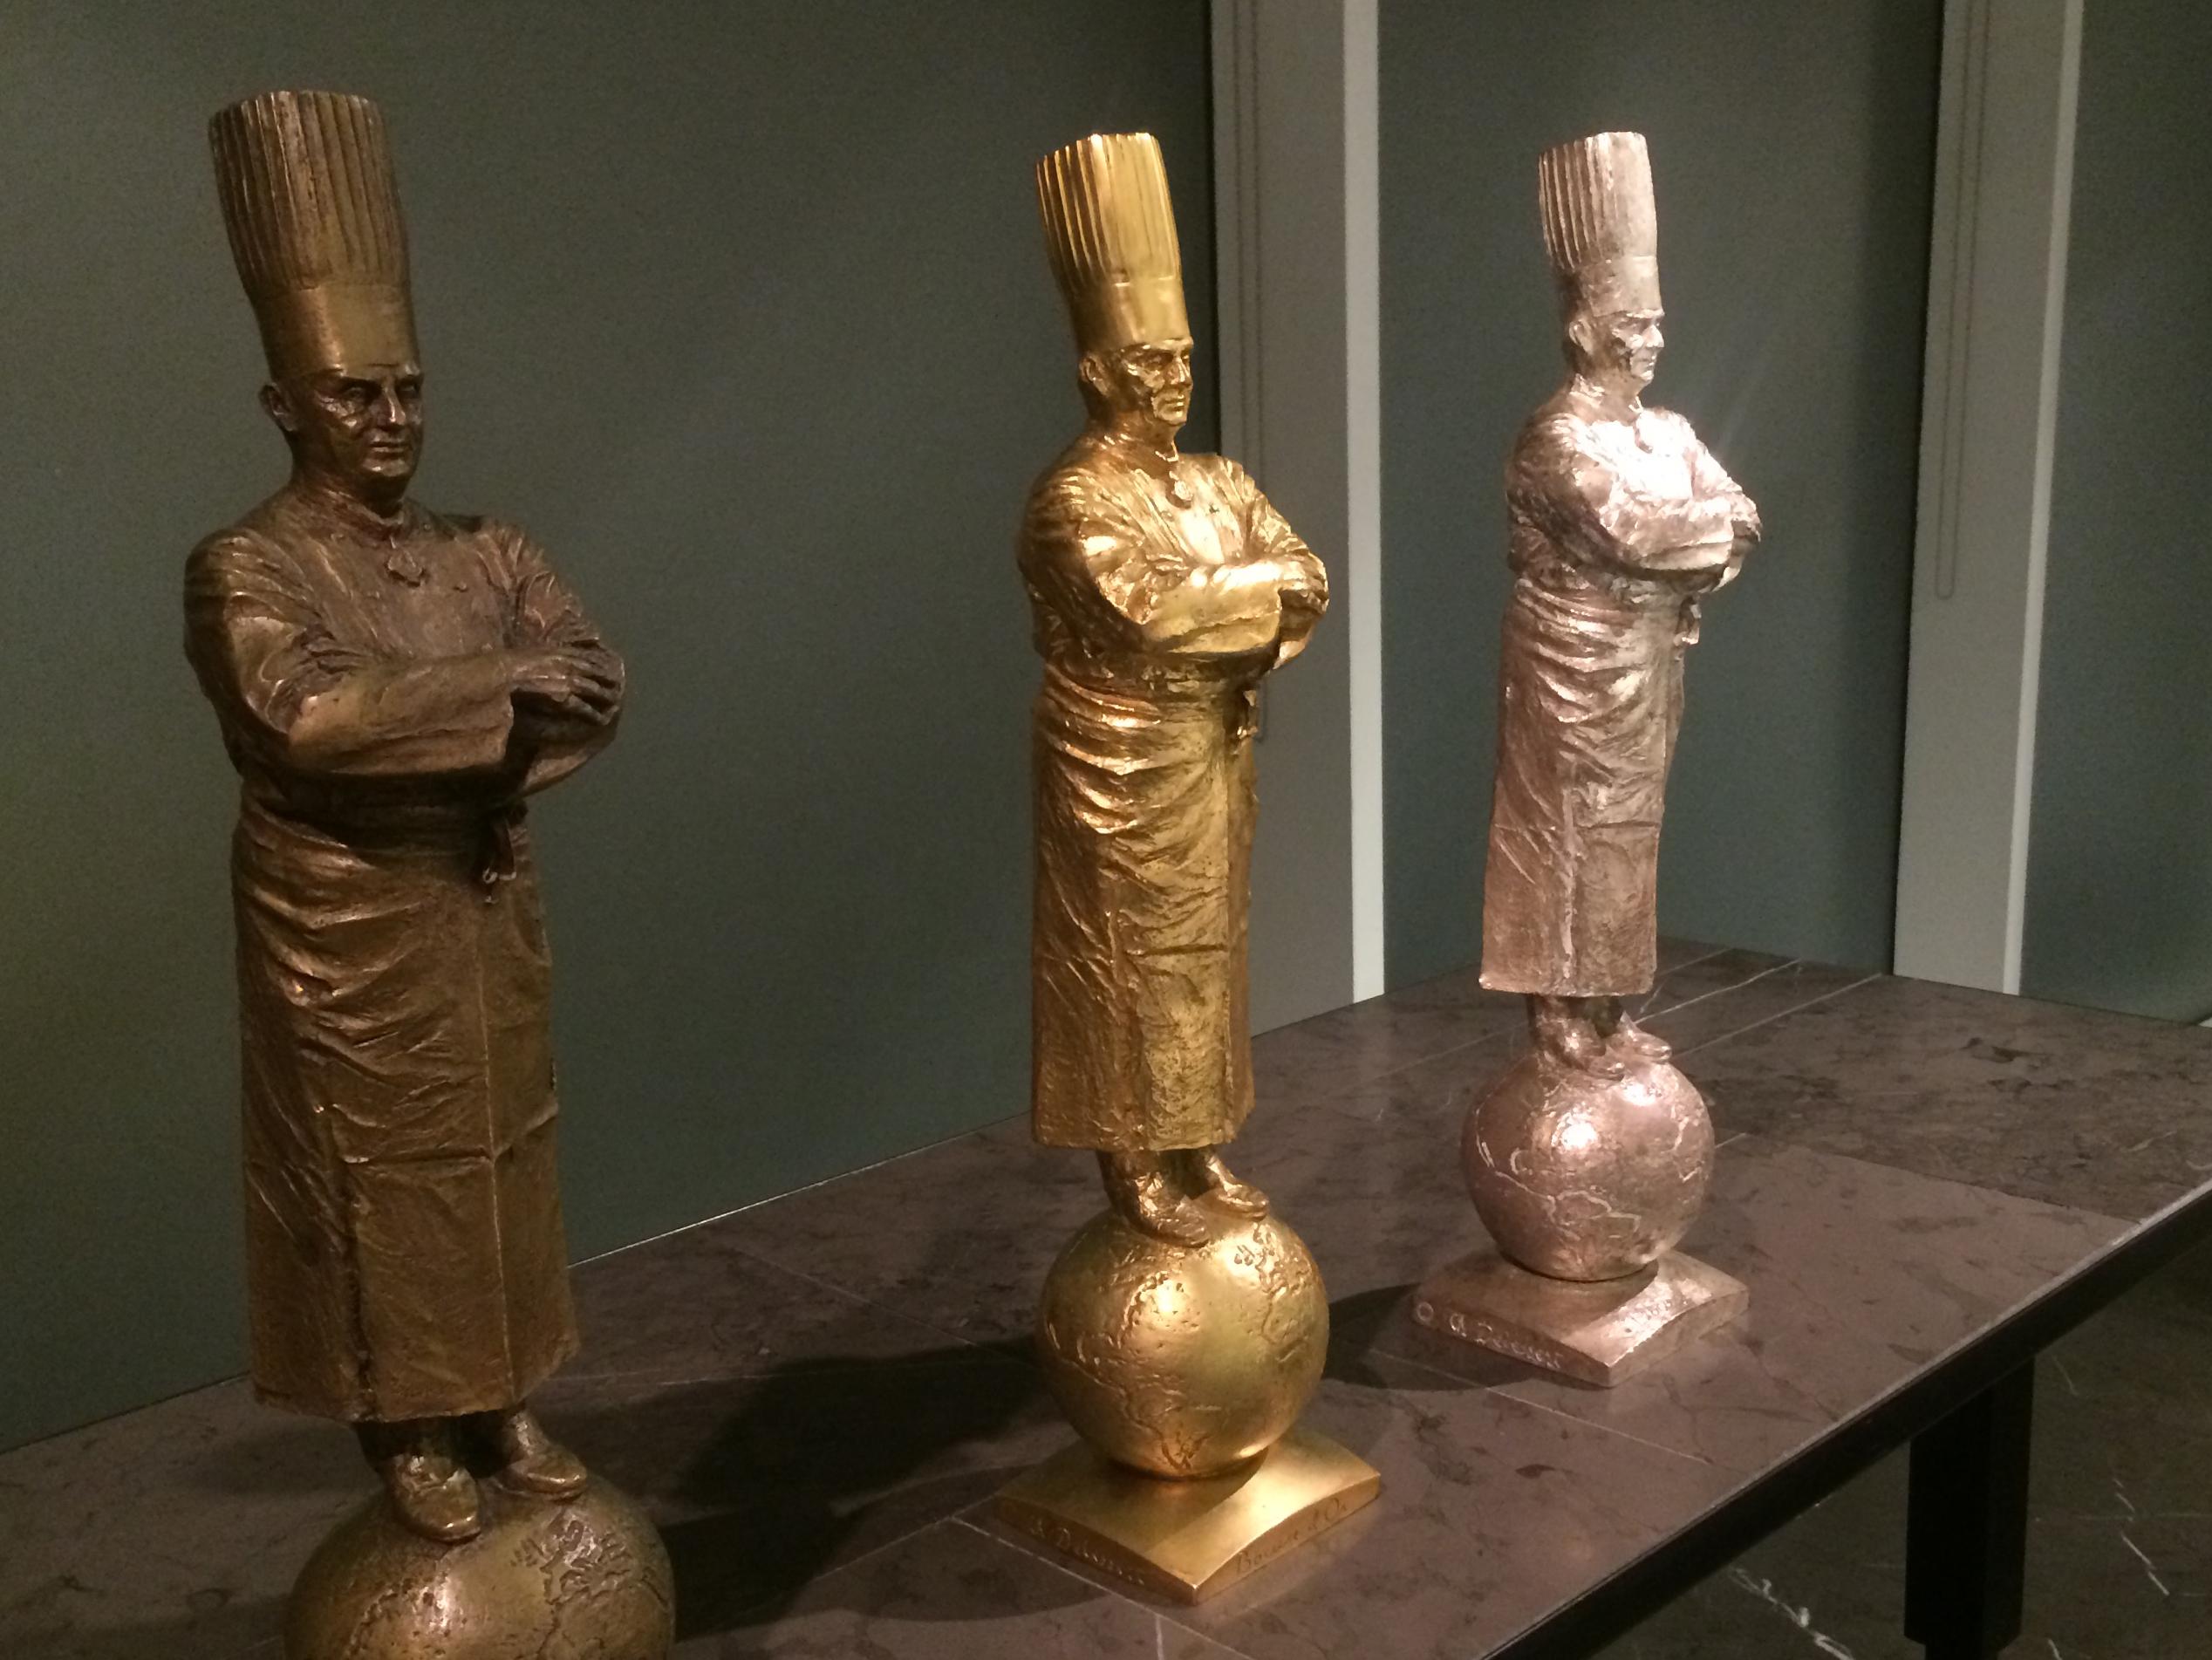 Золотая, серебряная и бронзовая статуэтки шефа Поля Бокюза. Источник http://onfoodietrail.com/